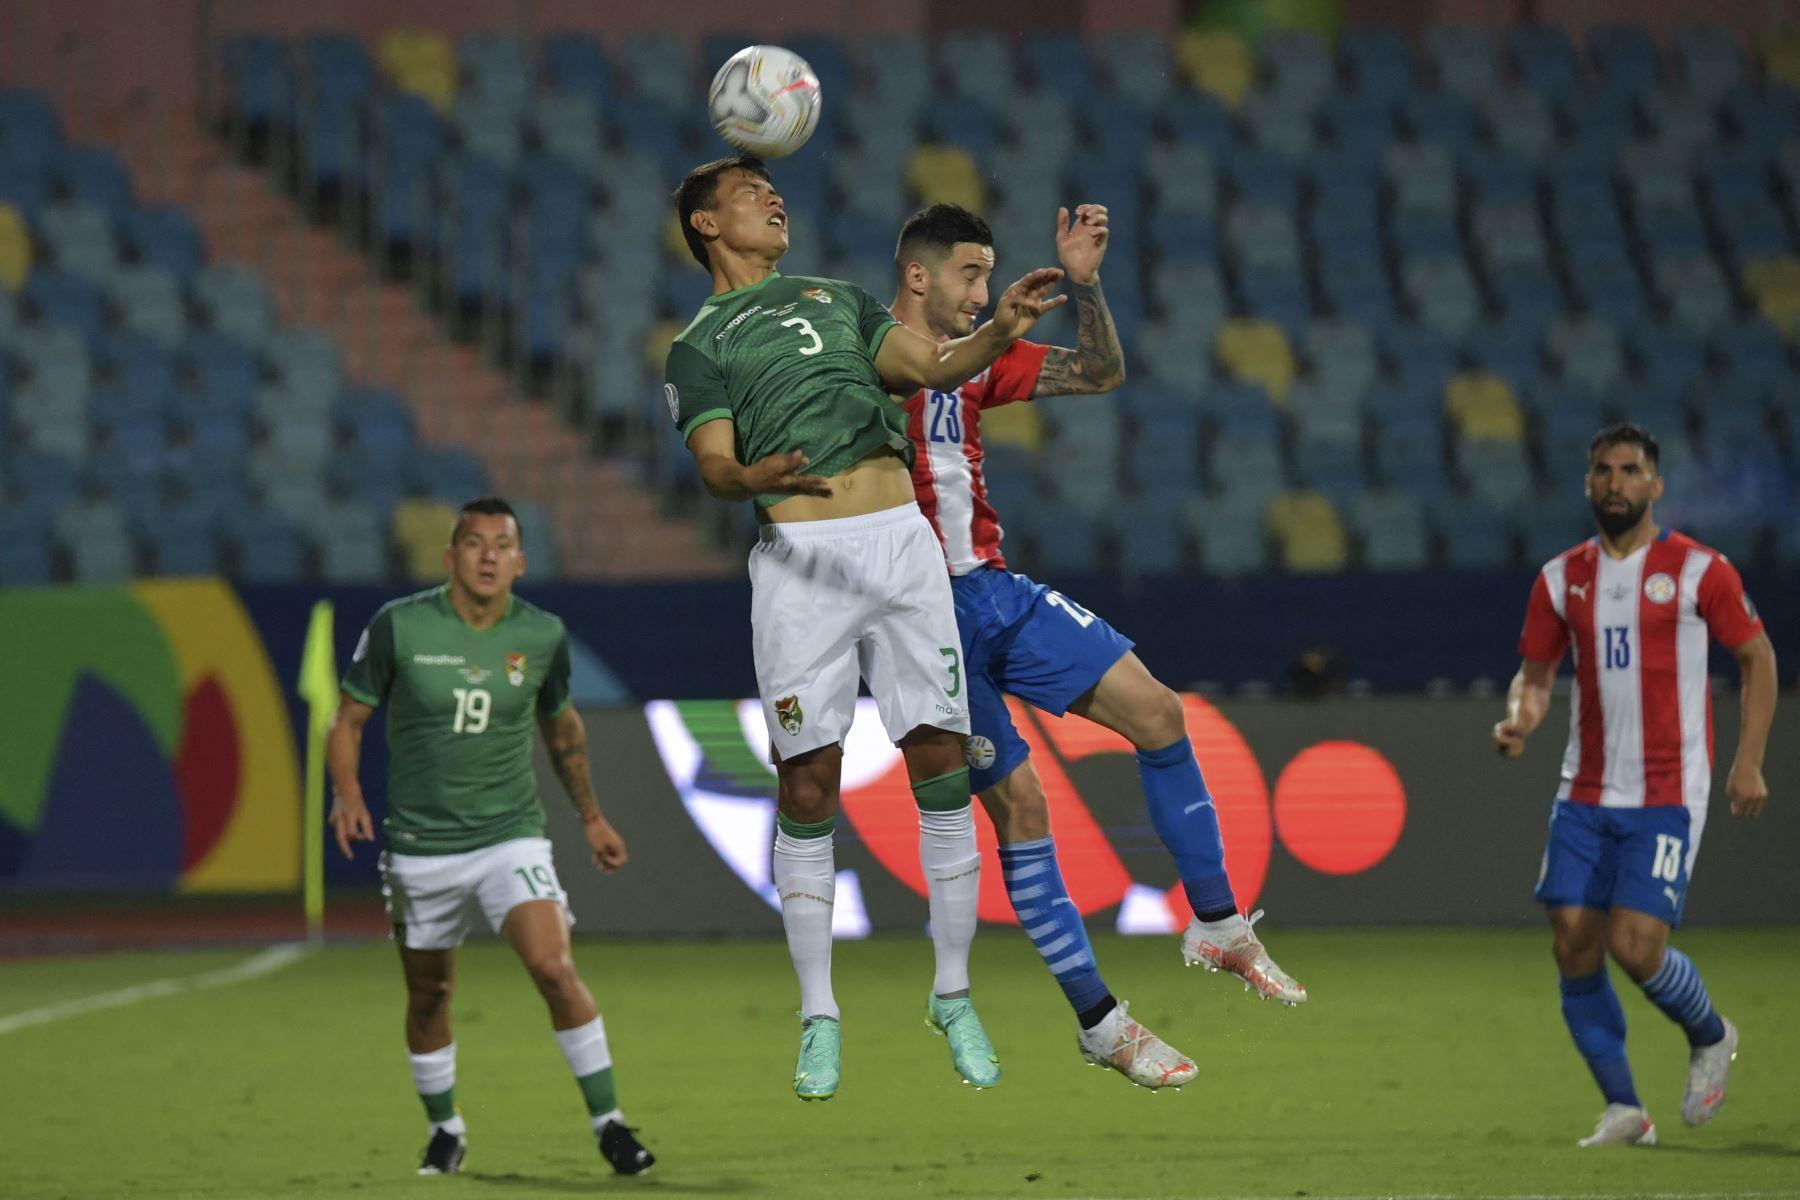 El boliviano José Sagredo y el arquero de Paraguay Gerardo Ortiz saltan por el balón durante el partido de la fase de grupos del torneo de fútbol Conmebol Copa América 2021 en el Estadio Olímpico de Goiania, Brasil. Foto: AFP